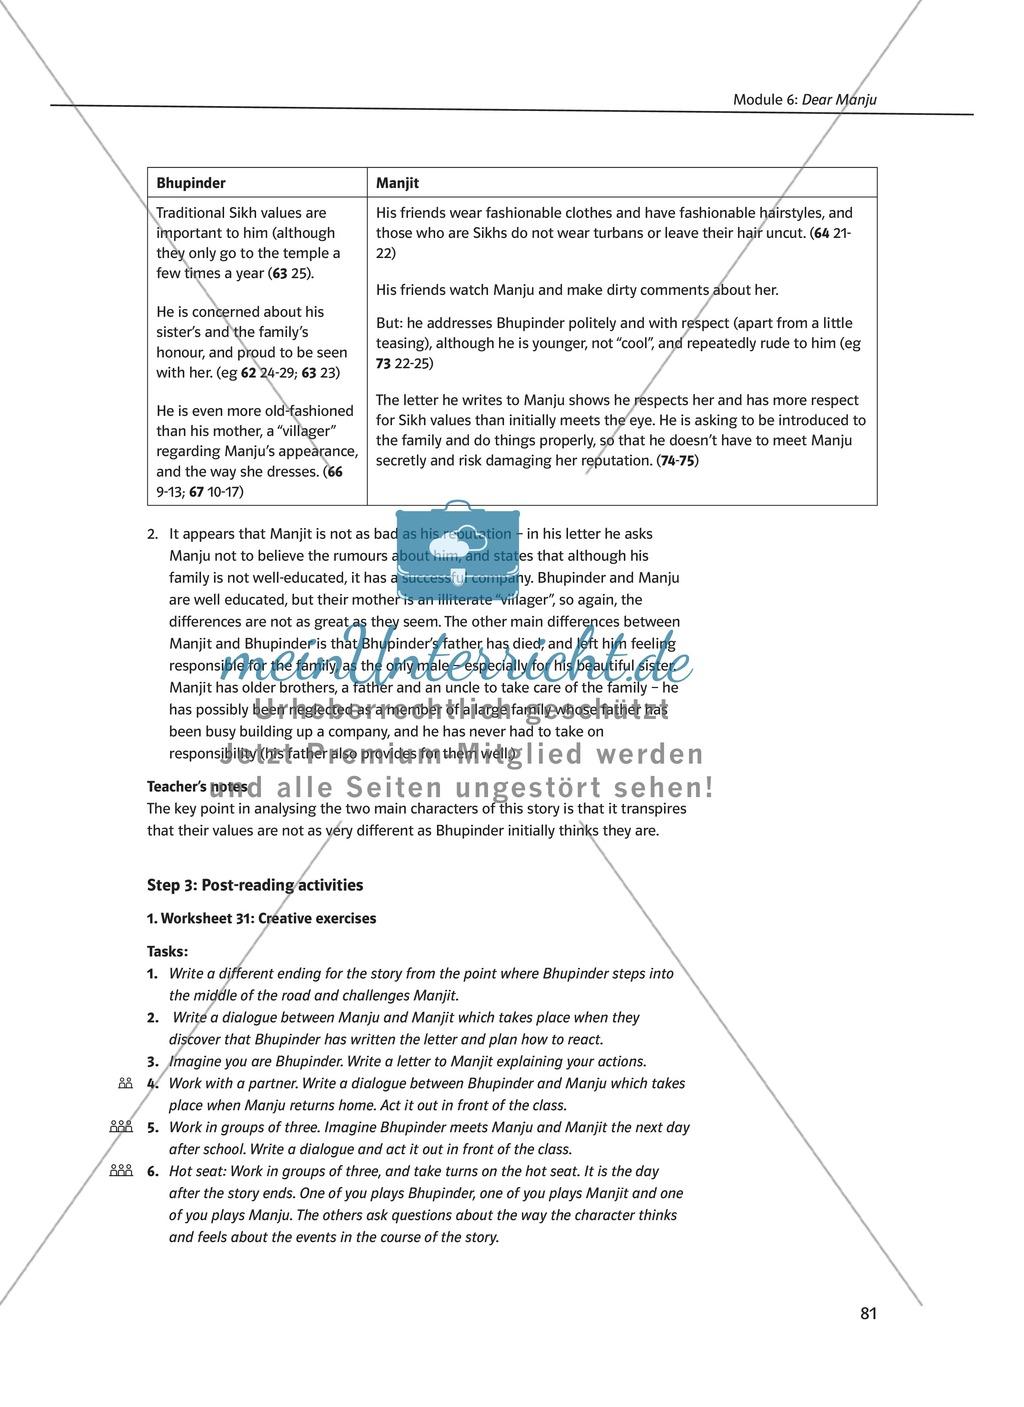 Dear Manju: Zusammenfassung + Aufgaben + Arbeitsblätter Preview 3